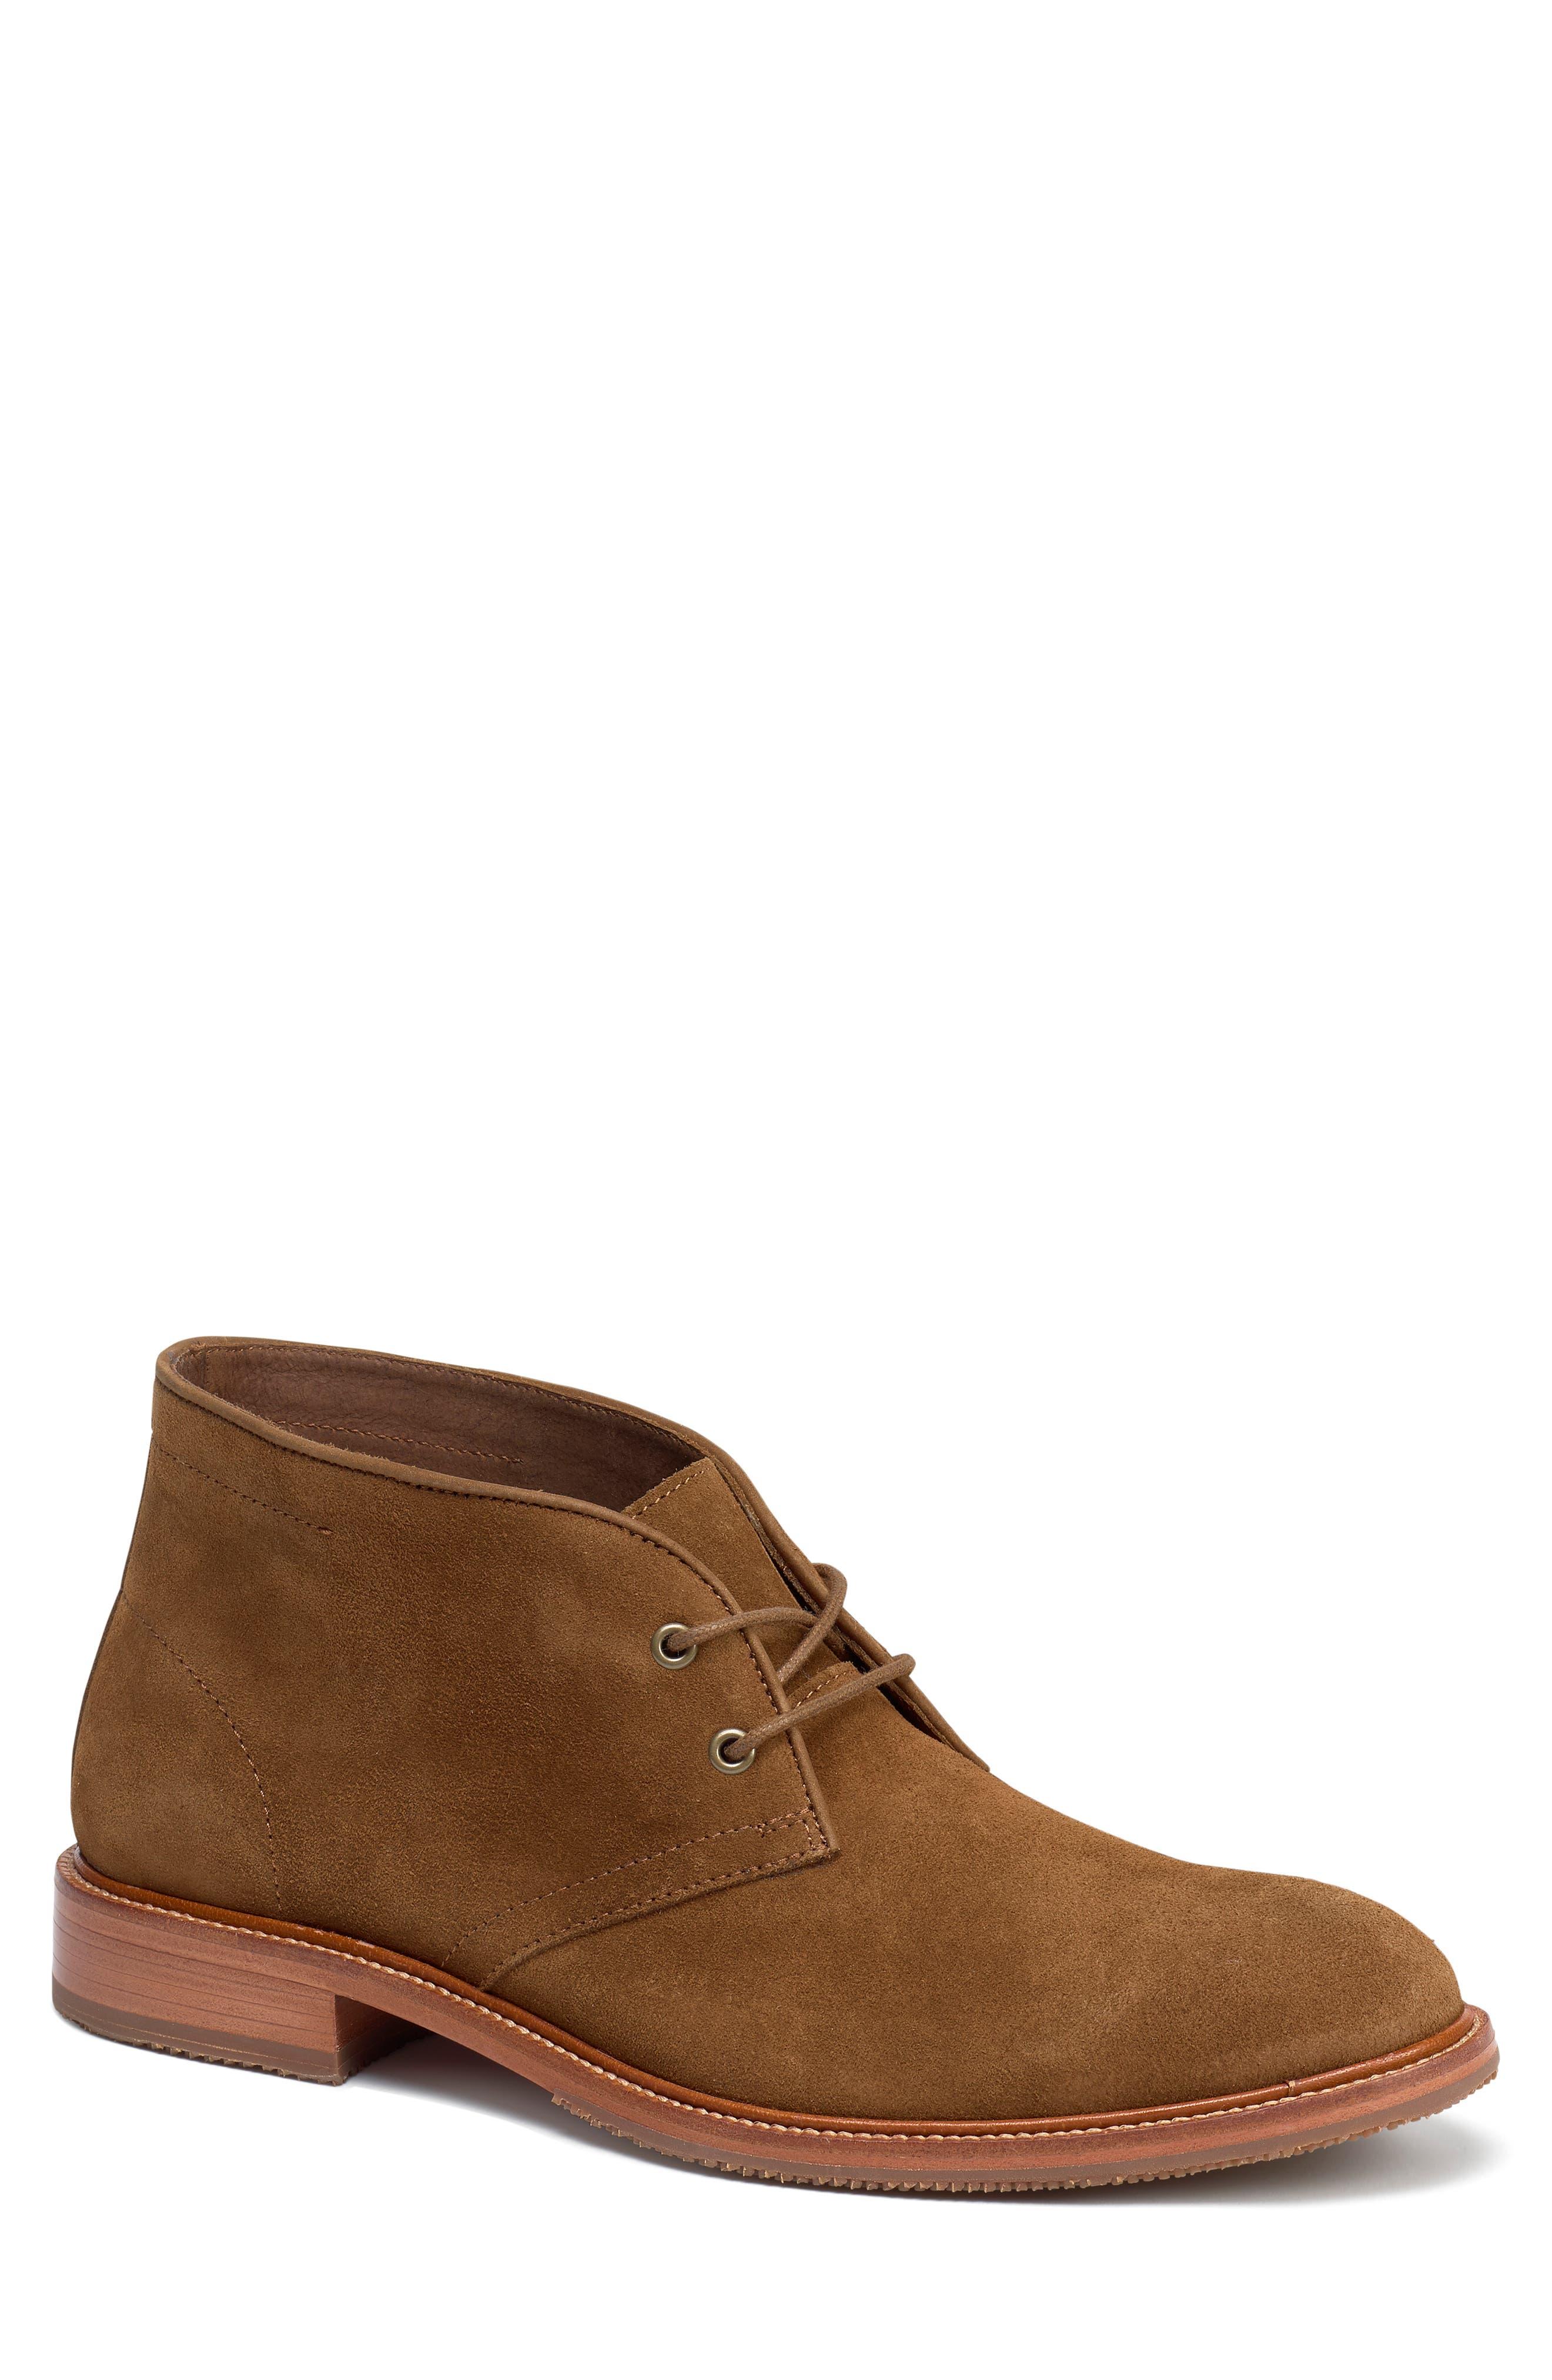 Trask Landers Chukka Boot- Brown